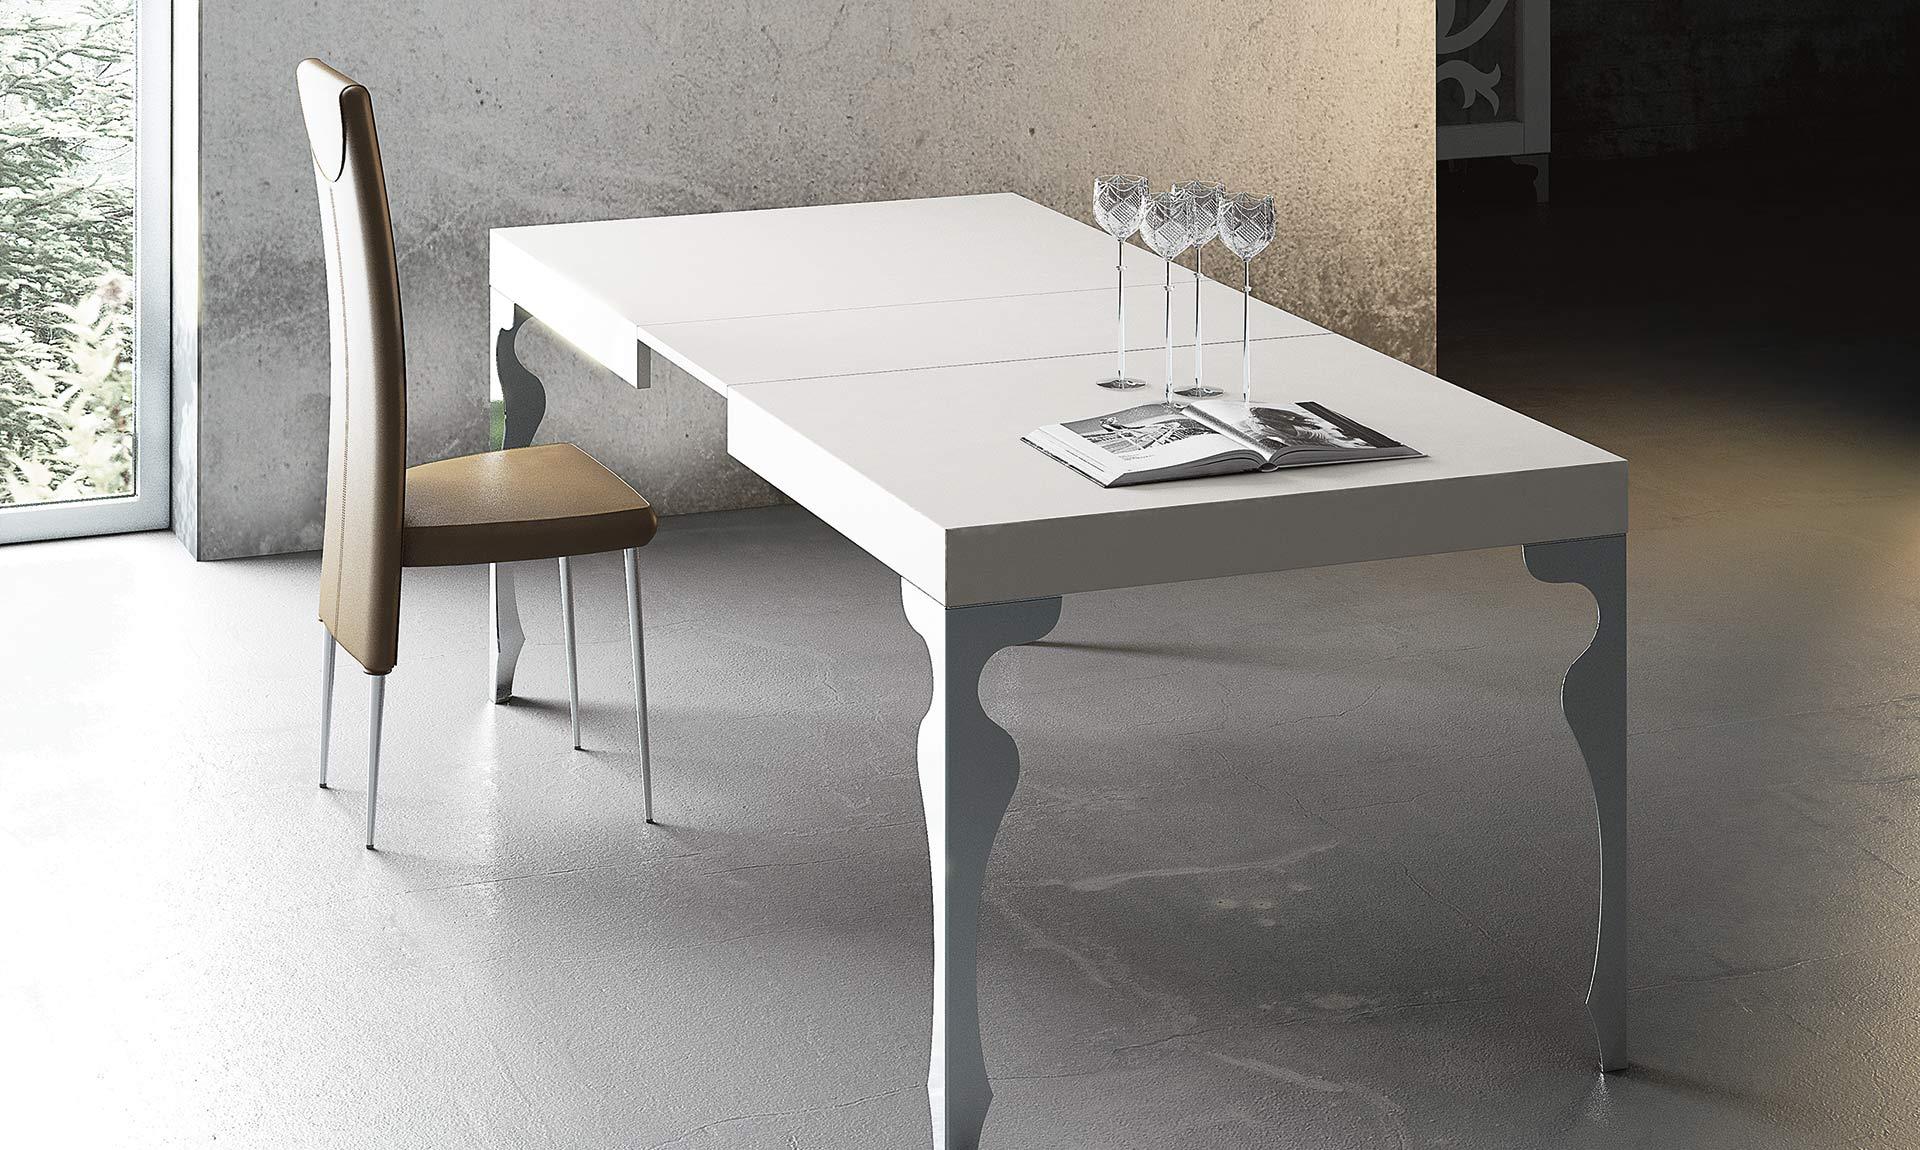 Tavolo moderno luxury meroni arreda - Esalinea mobili ...